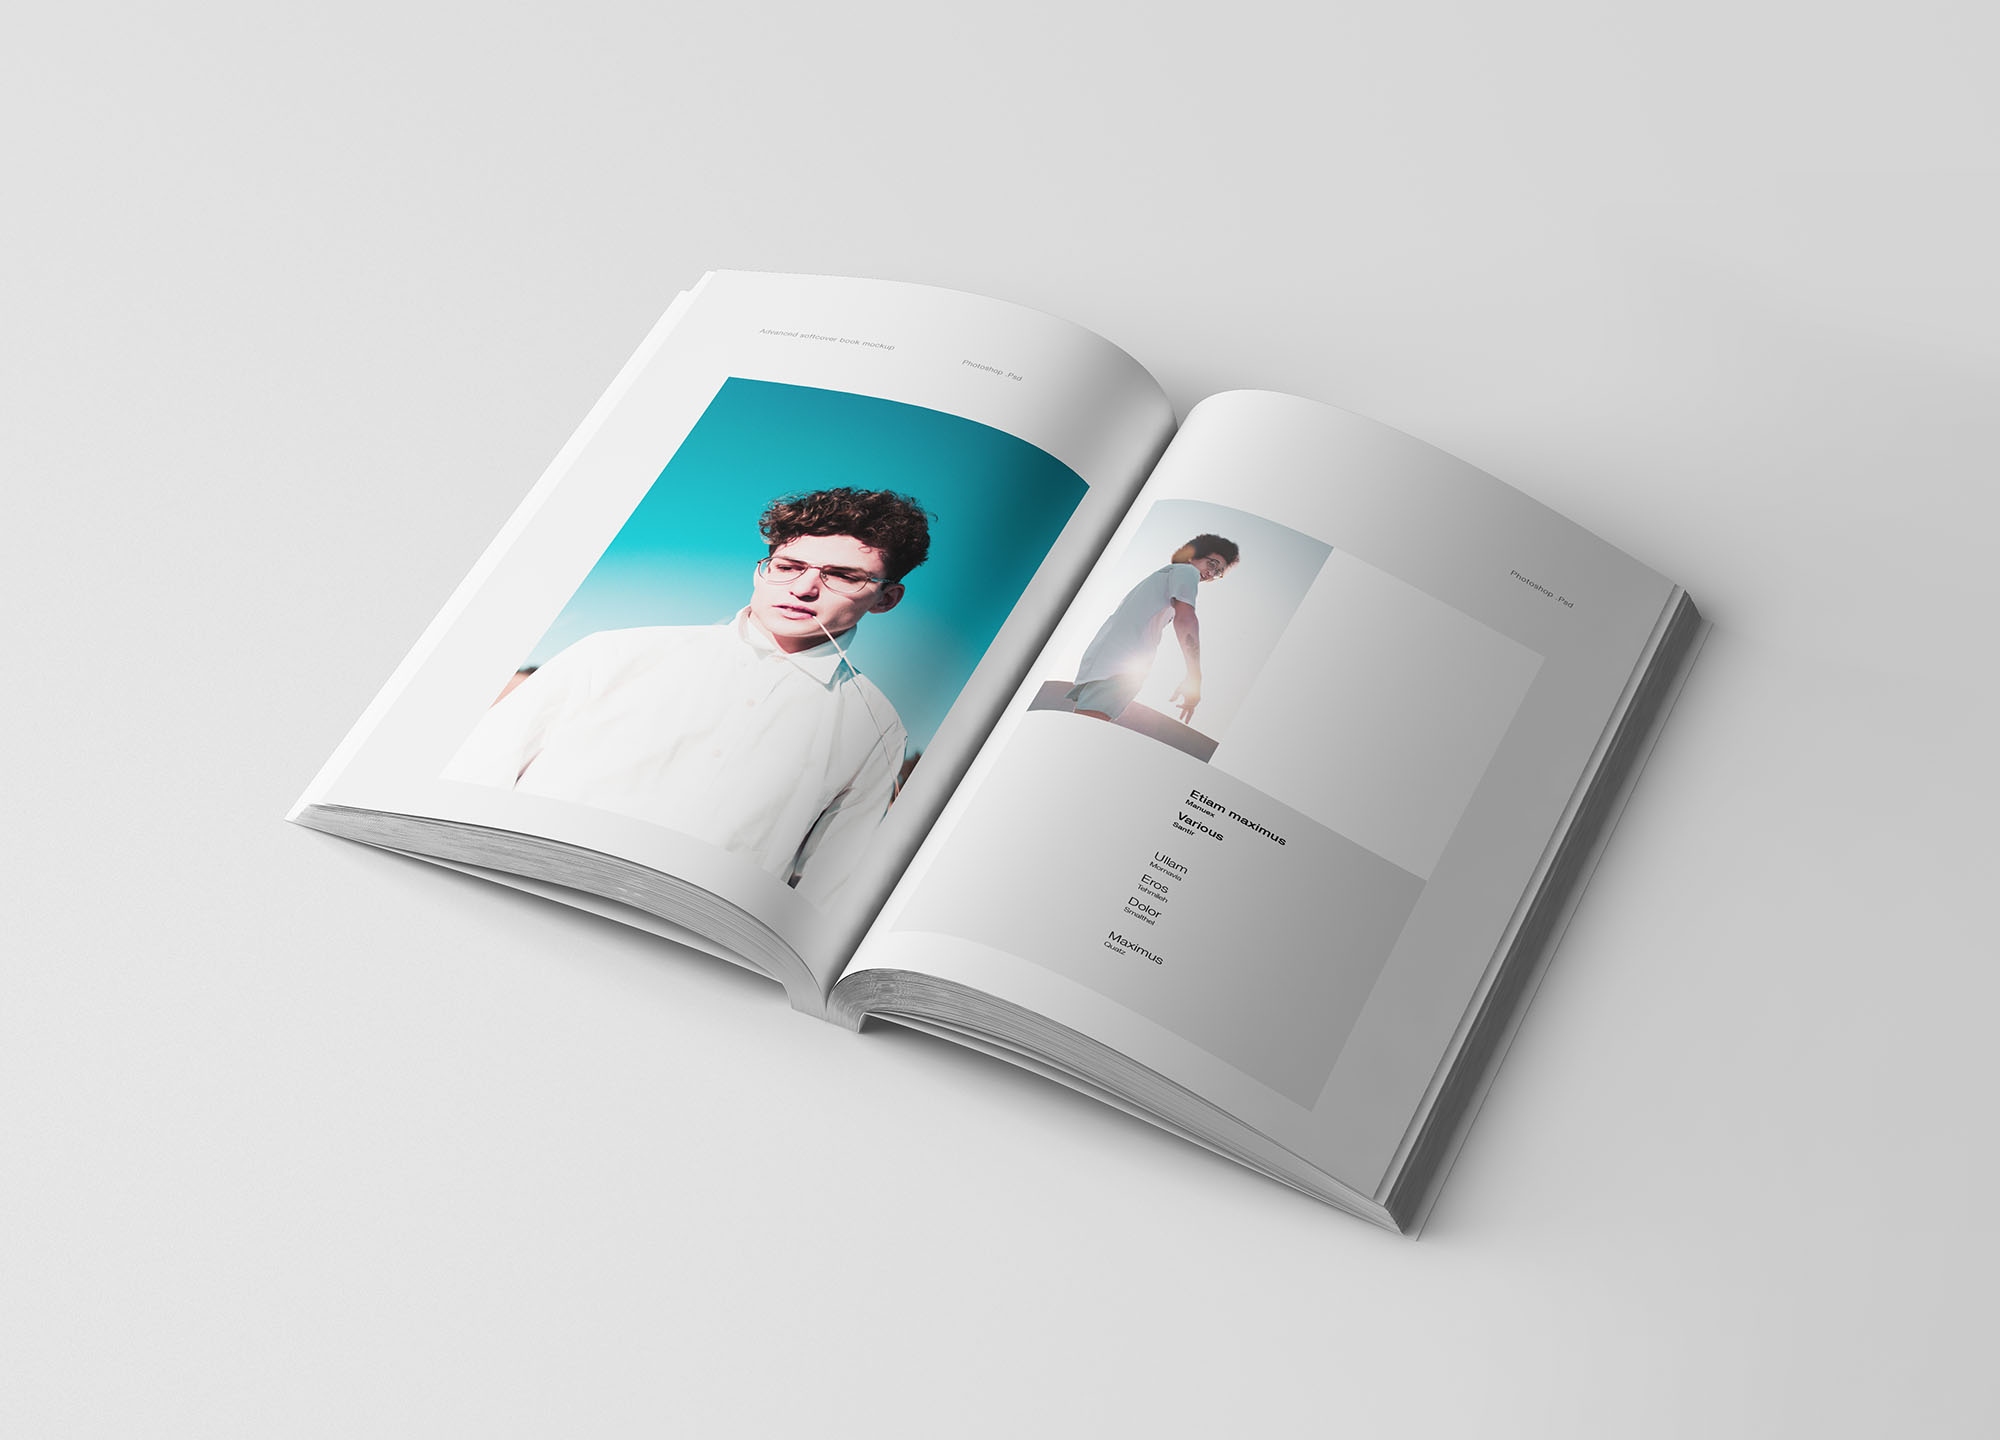 专业设计的A5平装书画册样机PSD模板 A5 Softcover Book Mockup插图(3)